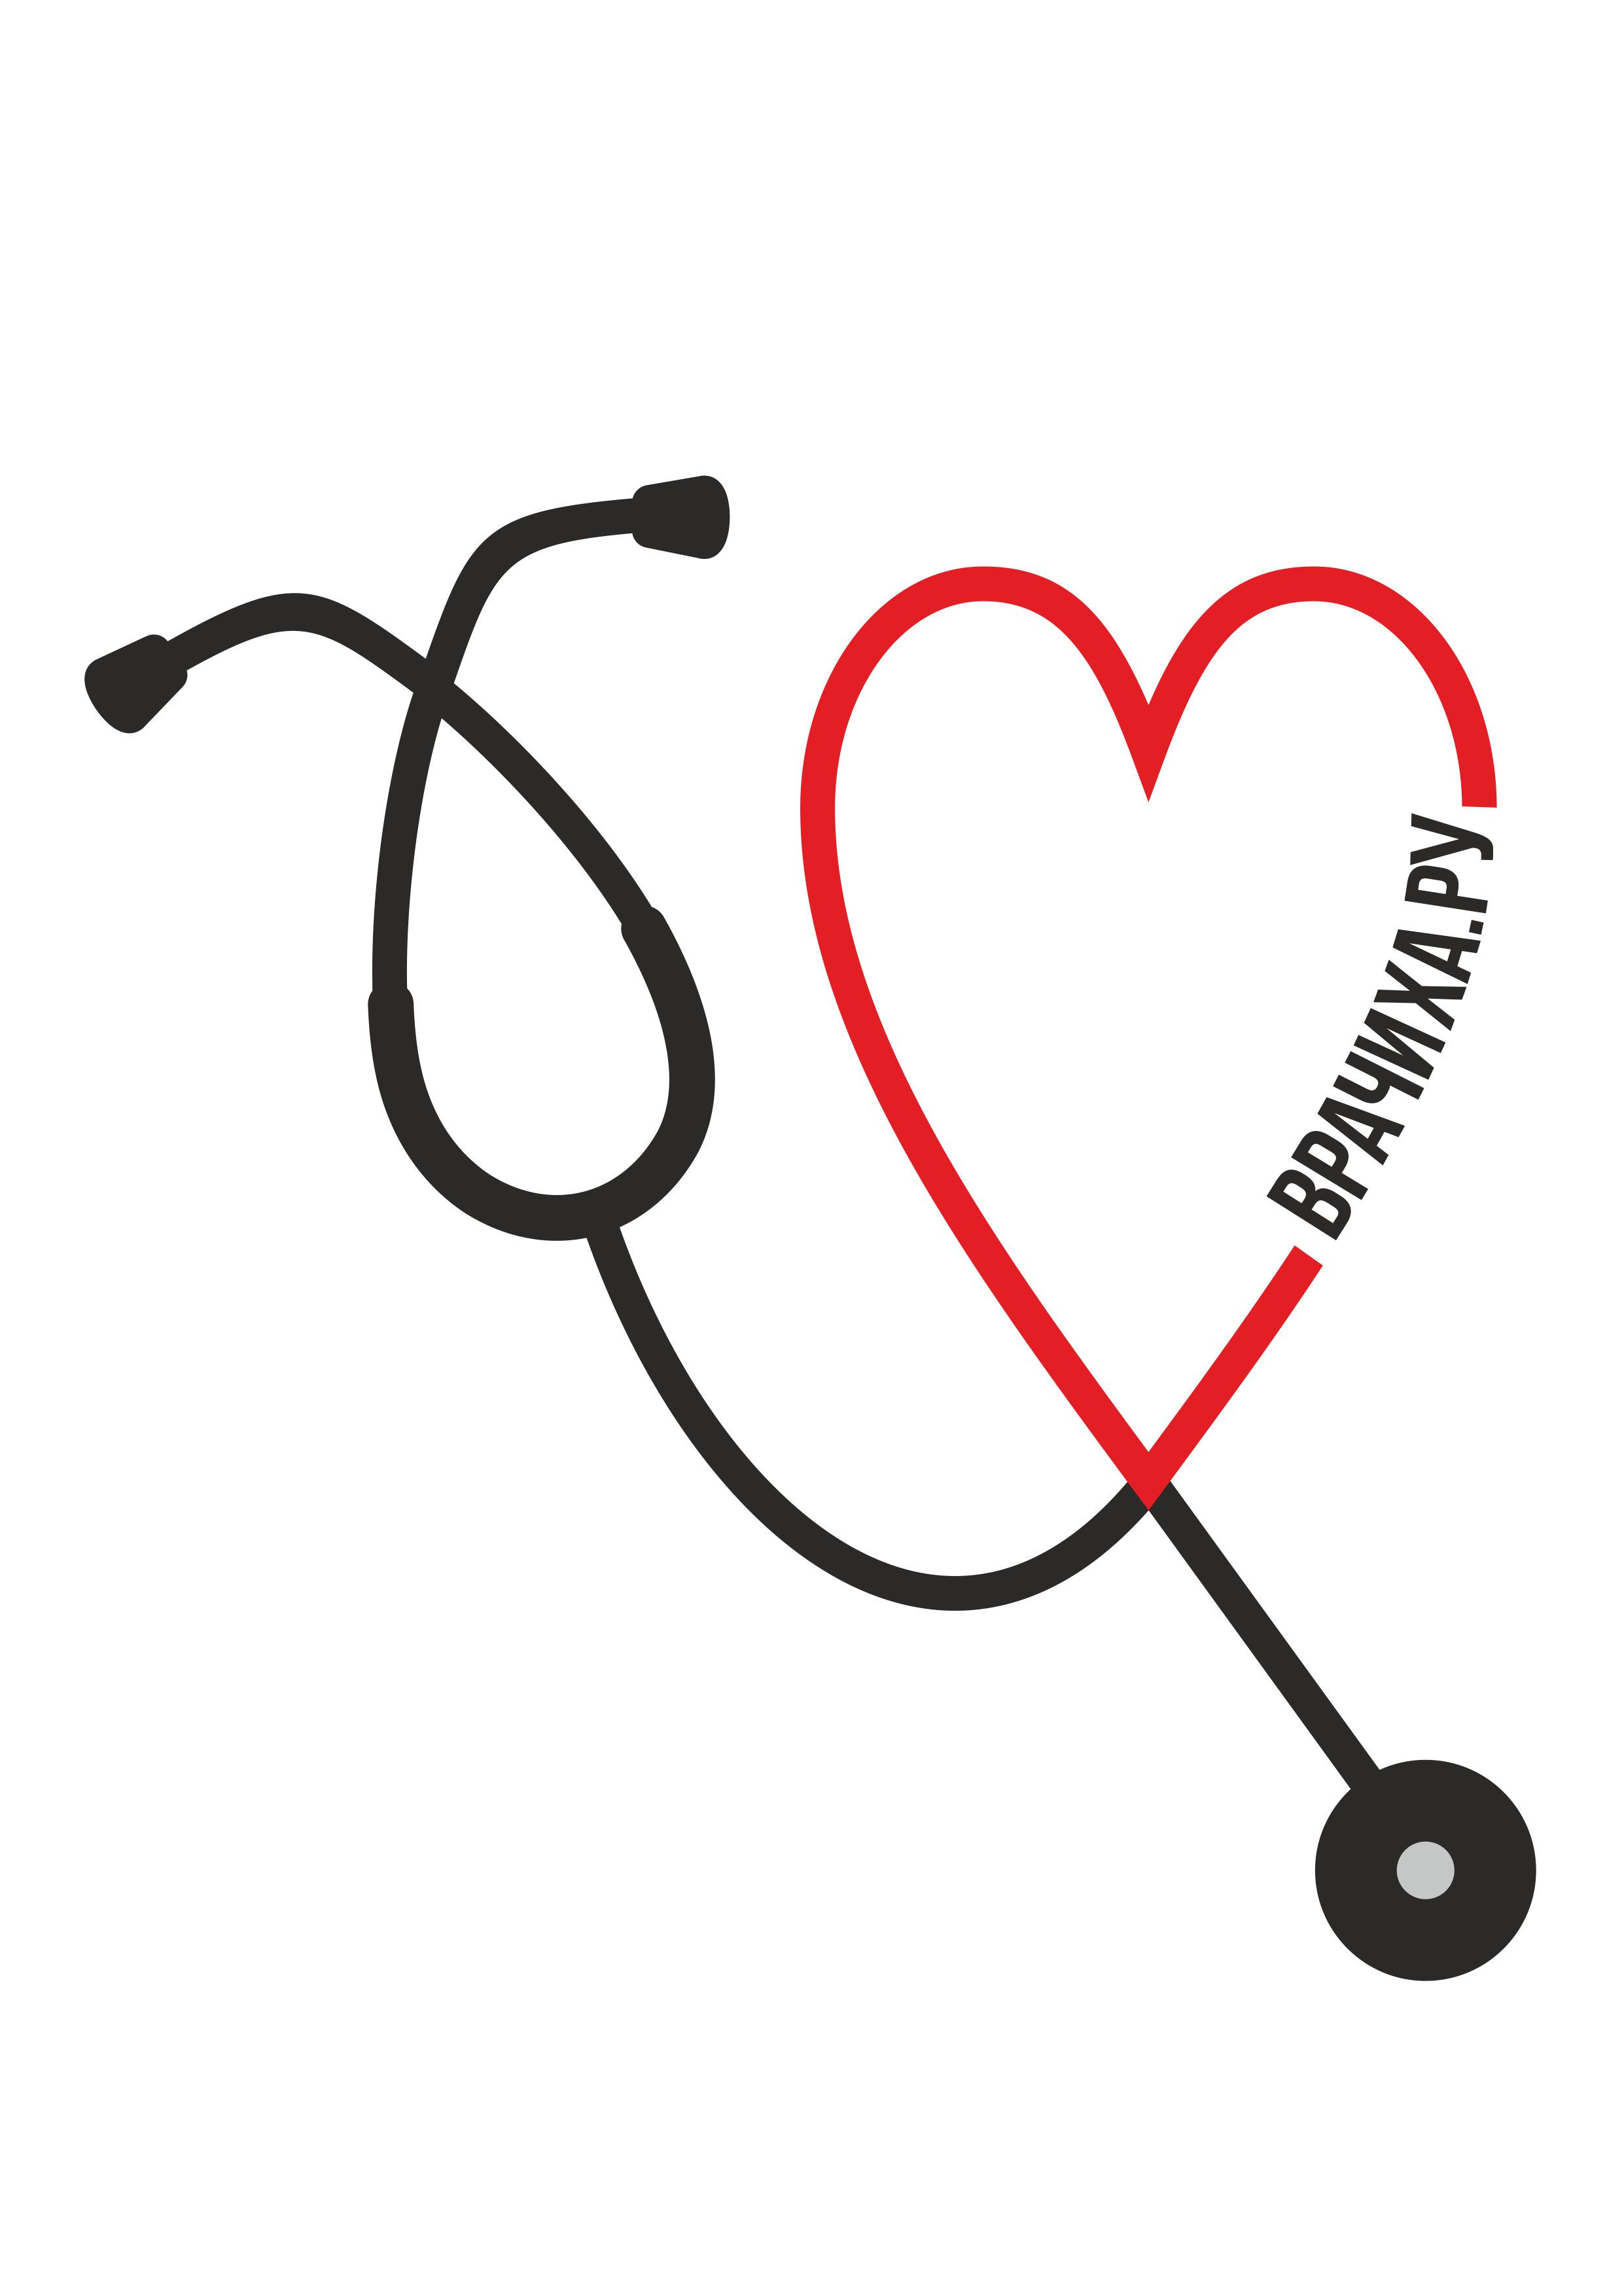 Необходимо разработать логотип для медицинского портала фото f_4685c07b631051a5.jpg